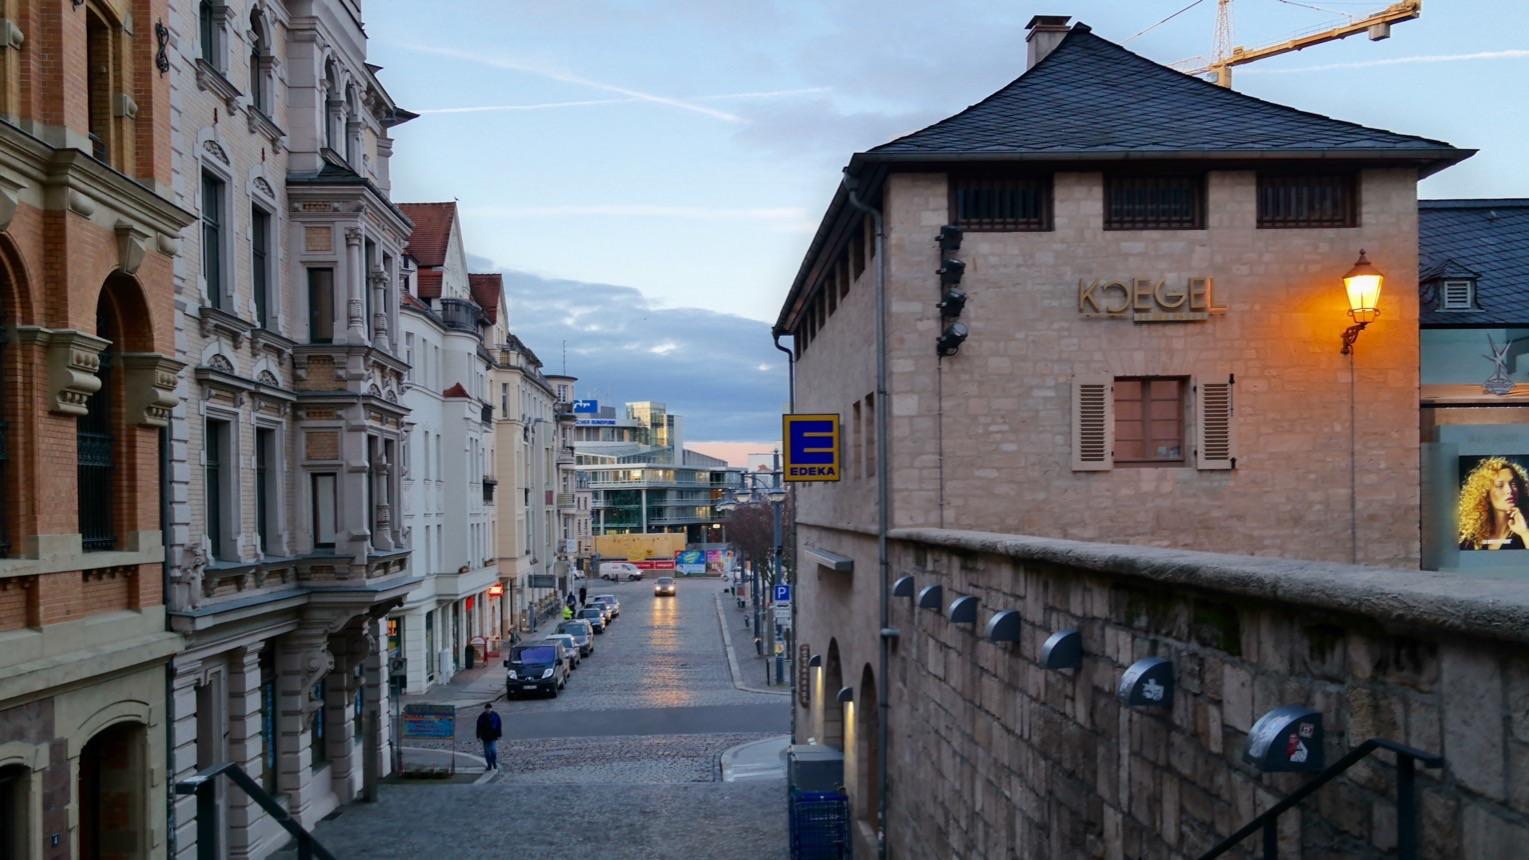 Halle: Blick vom Markt zum Hallmarkt